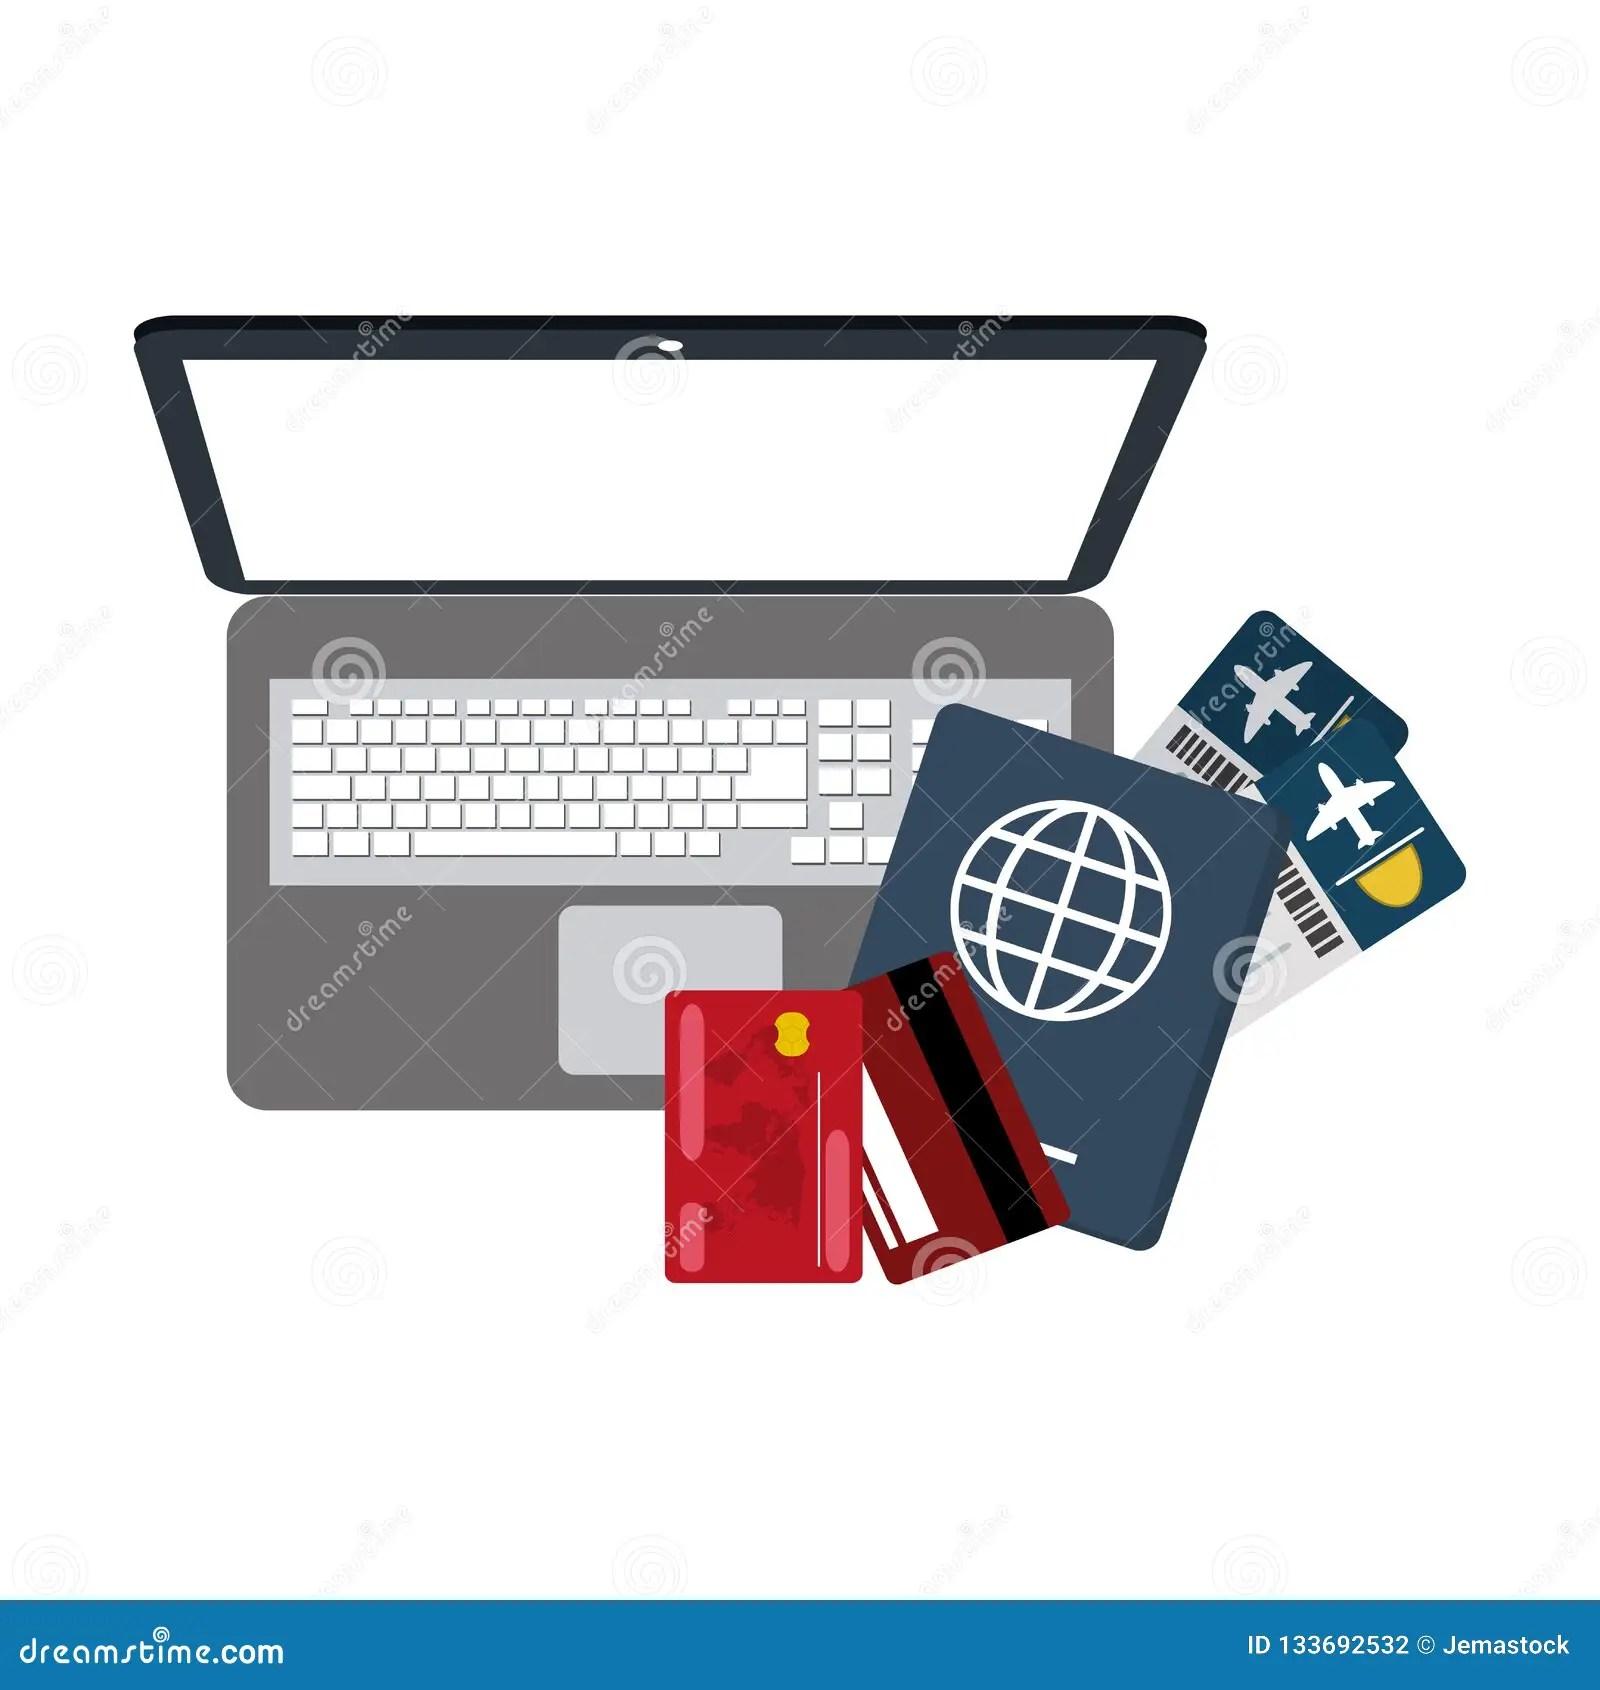 Buy online flight tickets stock vector. Illustration of transportation - 133692532